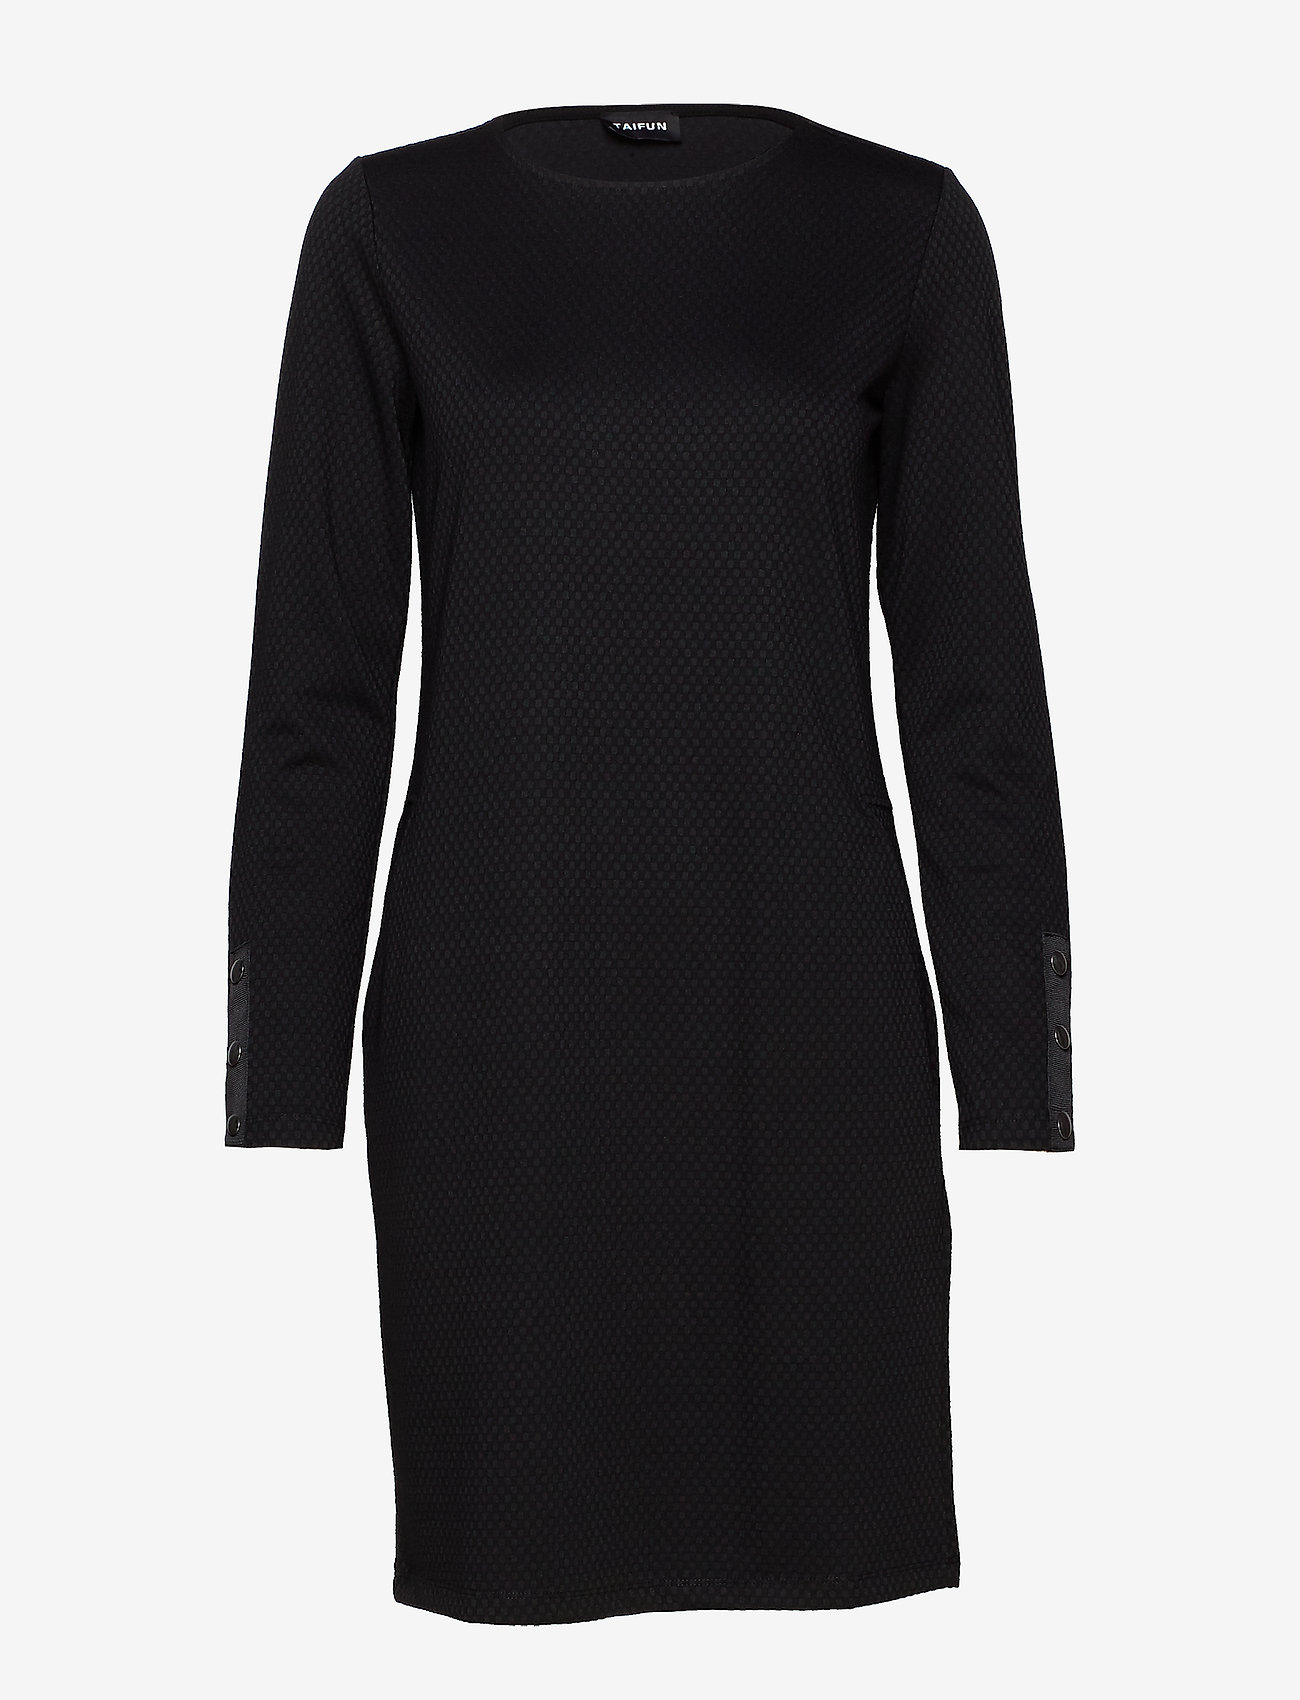 Taifun - DRESS KNITTED FABRIC - korta klänningar - black - 0